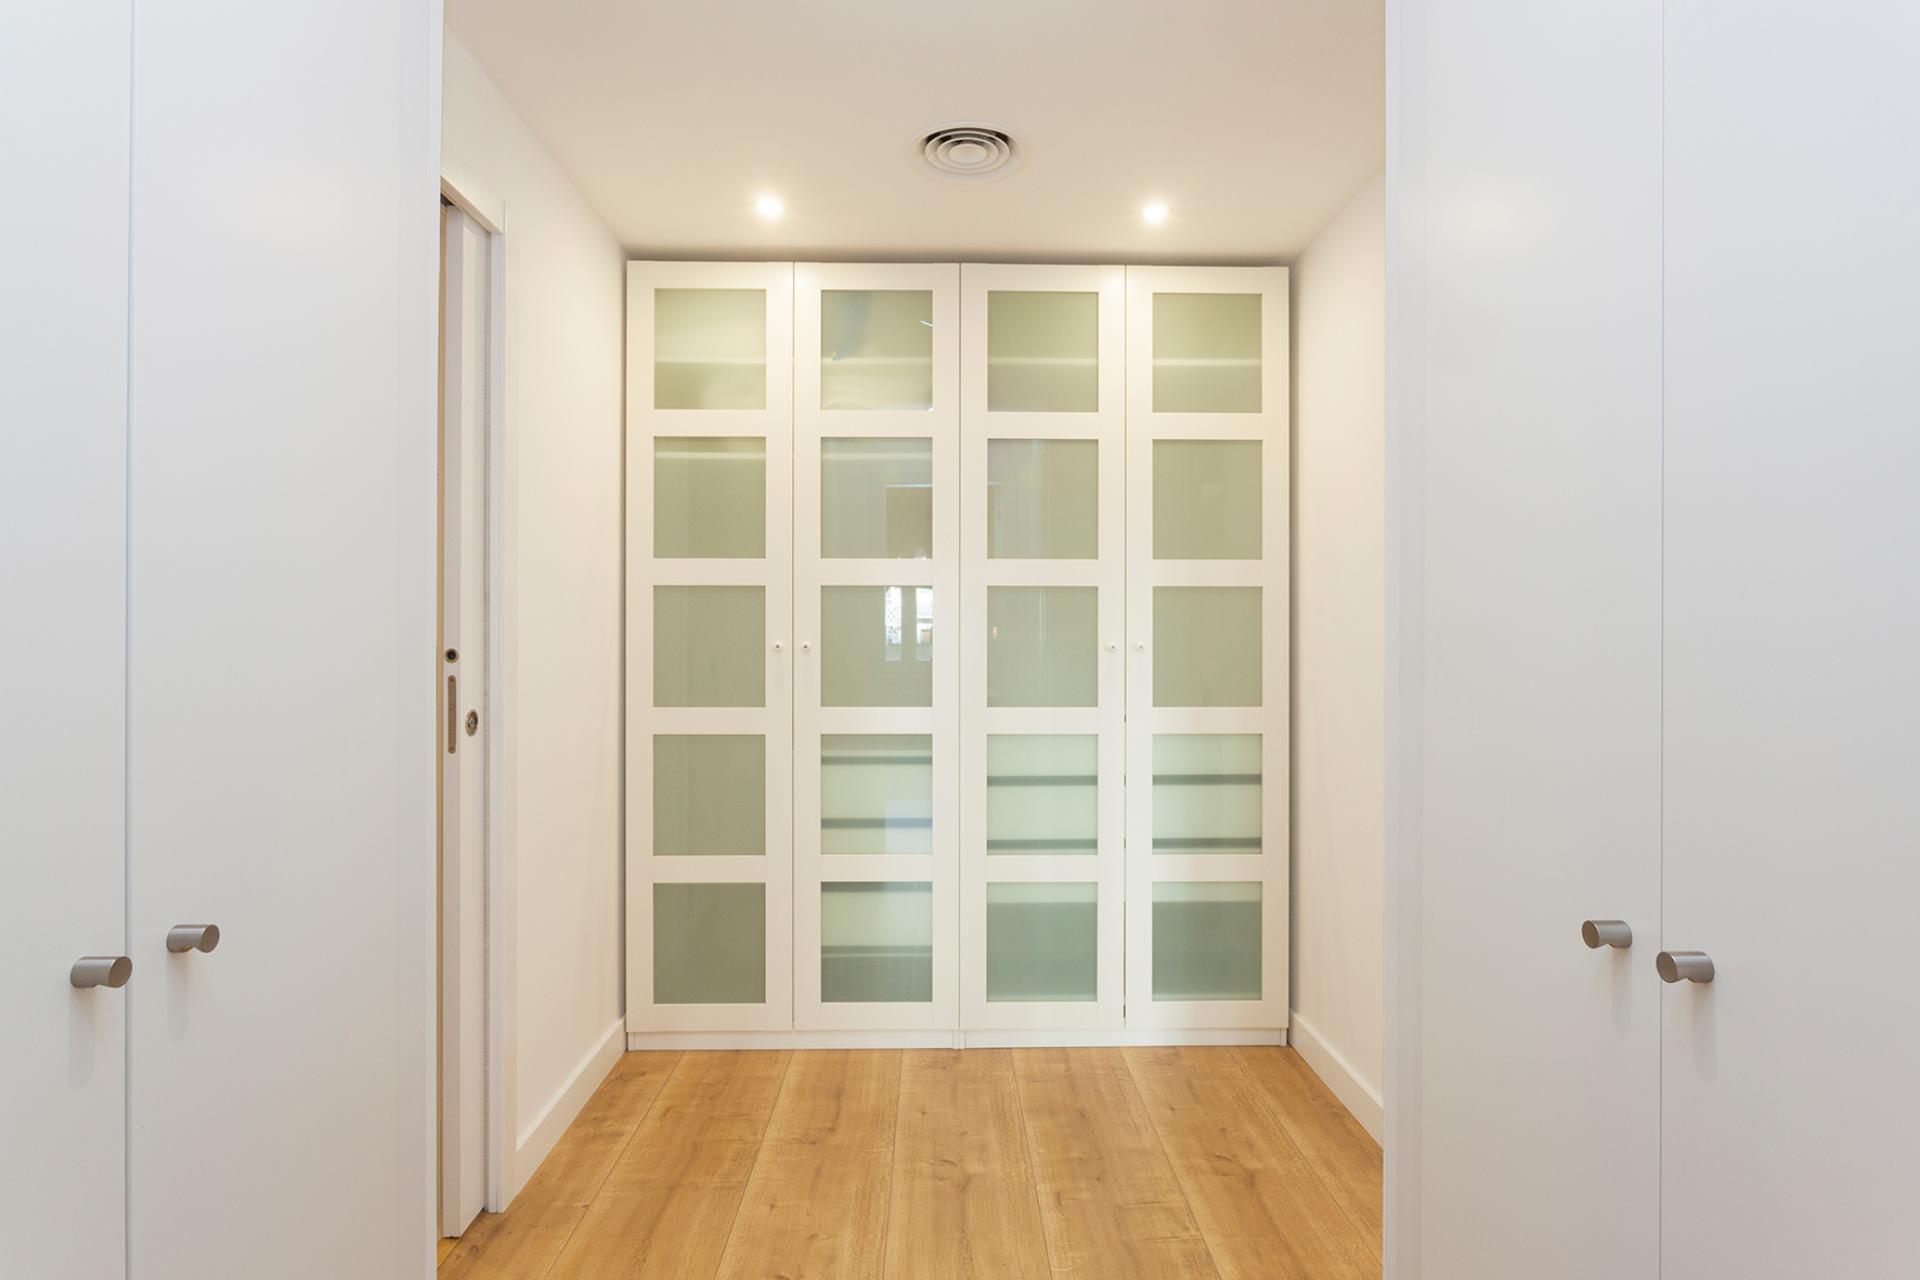 Shbarcelona excelente piso de alquiler eixample izquierdo for Agencias de alquiler de pisos